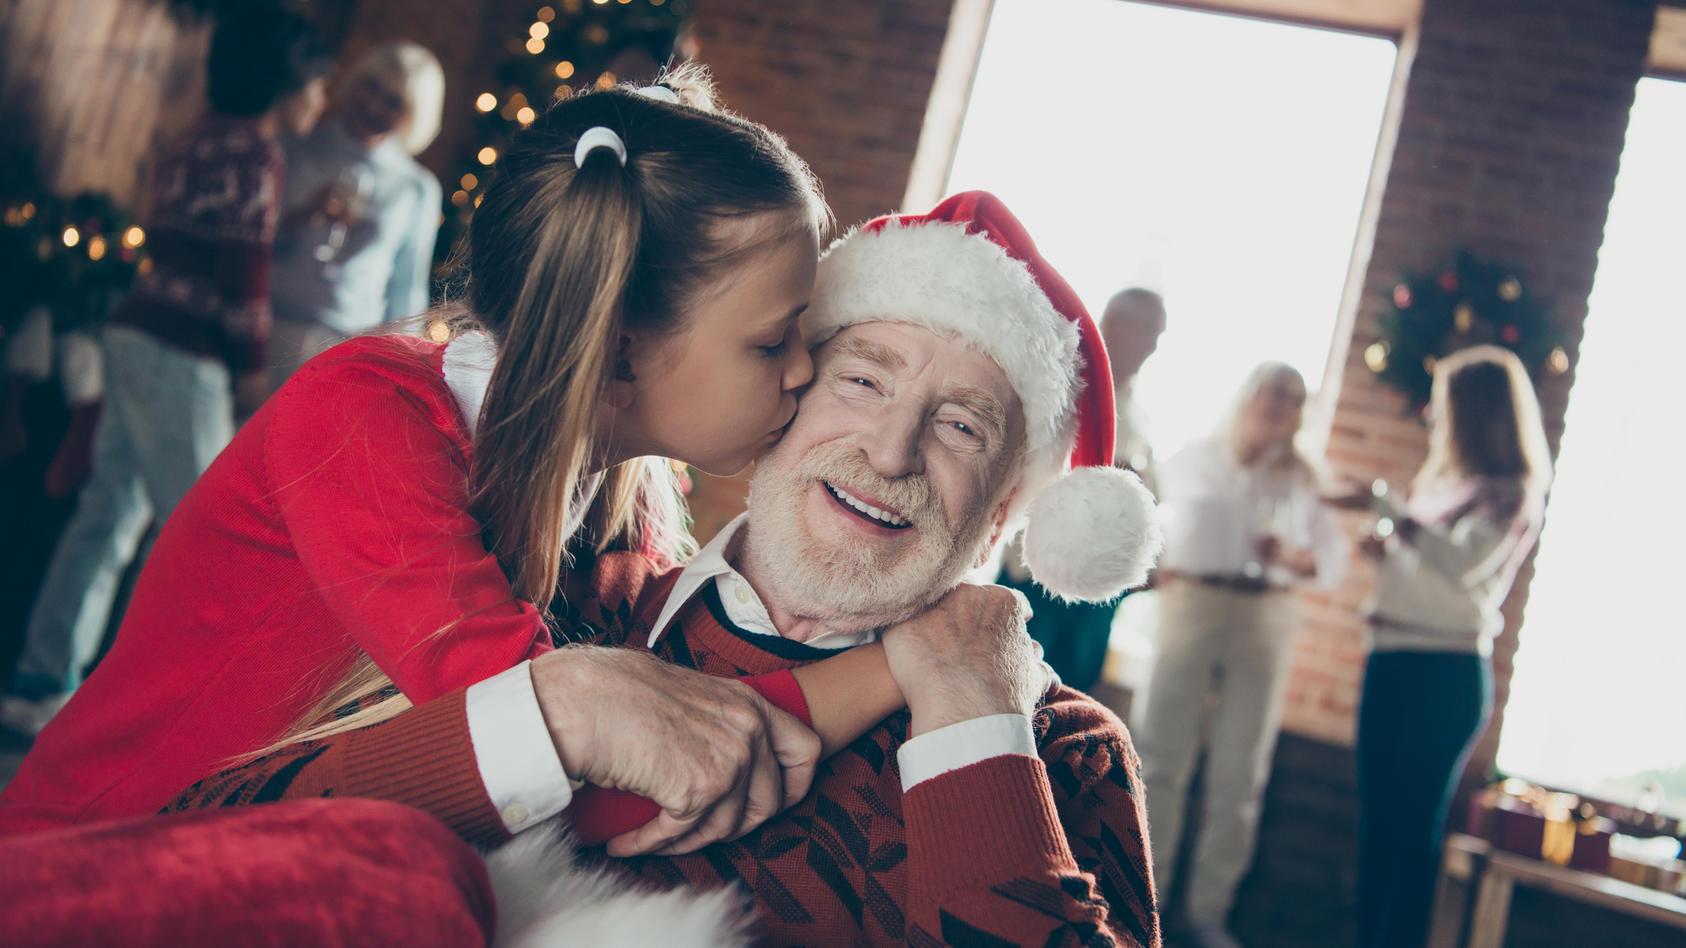 Die Liebsten an Weihnachten in die Arme schließen - dass das wegen Corona nicht klappen könnte, macht vielen Angst.